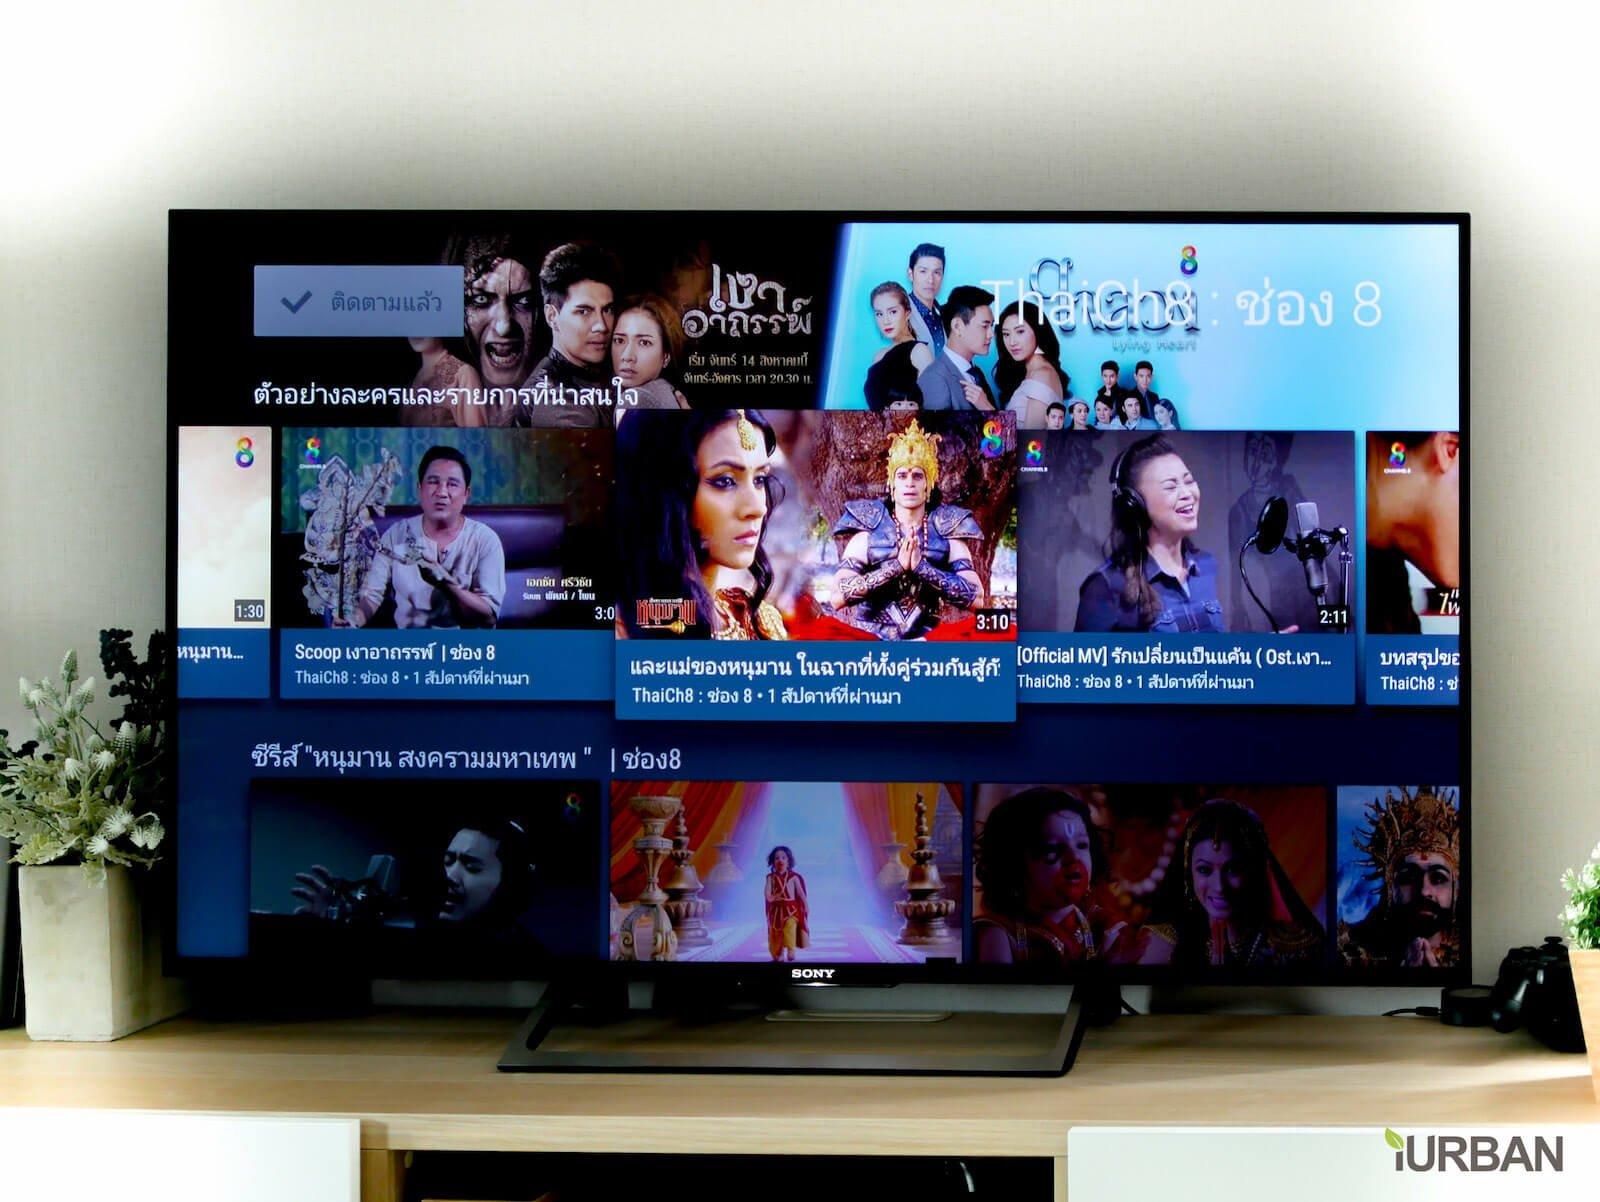 SONY X8500E 4K-HDR Android TV นวัตกรรมที่จะเปลี่ยนชีวิตกับทีวี ให้ไม่เหมือนเดิมอีกต่อไป 50 - Android